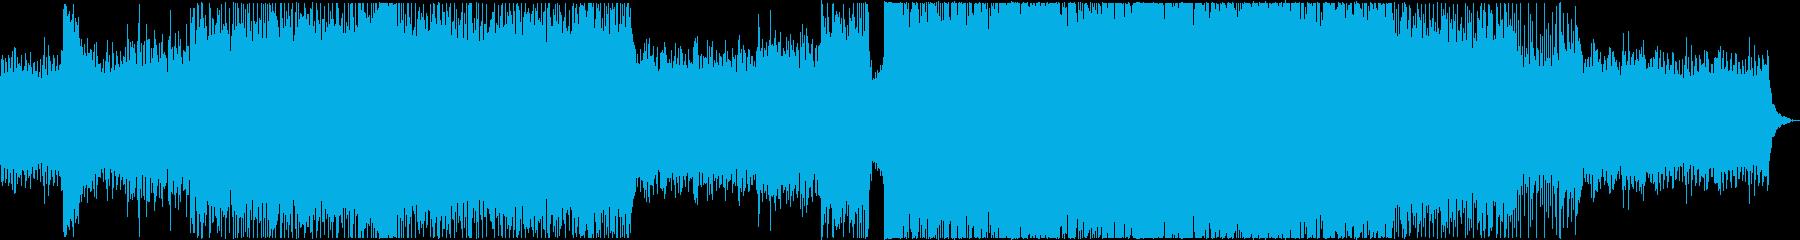 ドローン・絶景・壮大・感動・世界・EDMの再生済みの波形